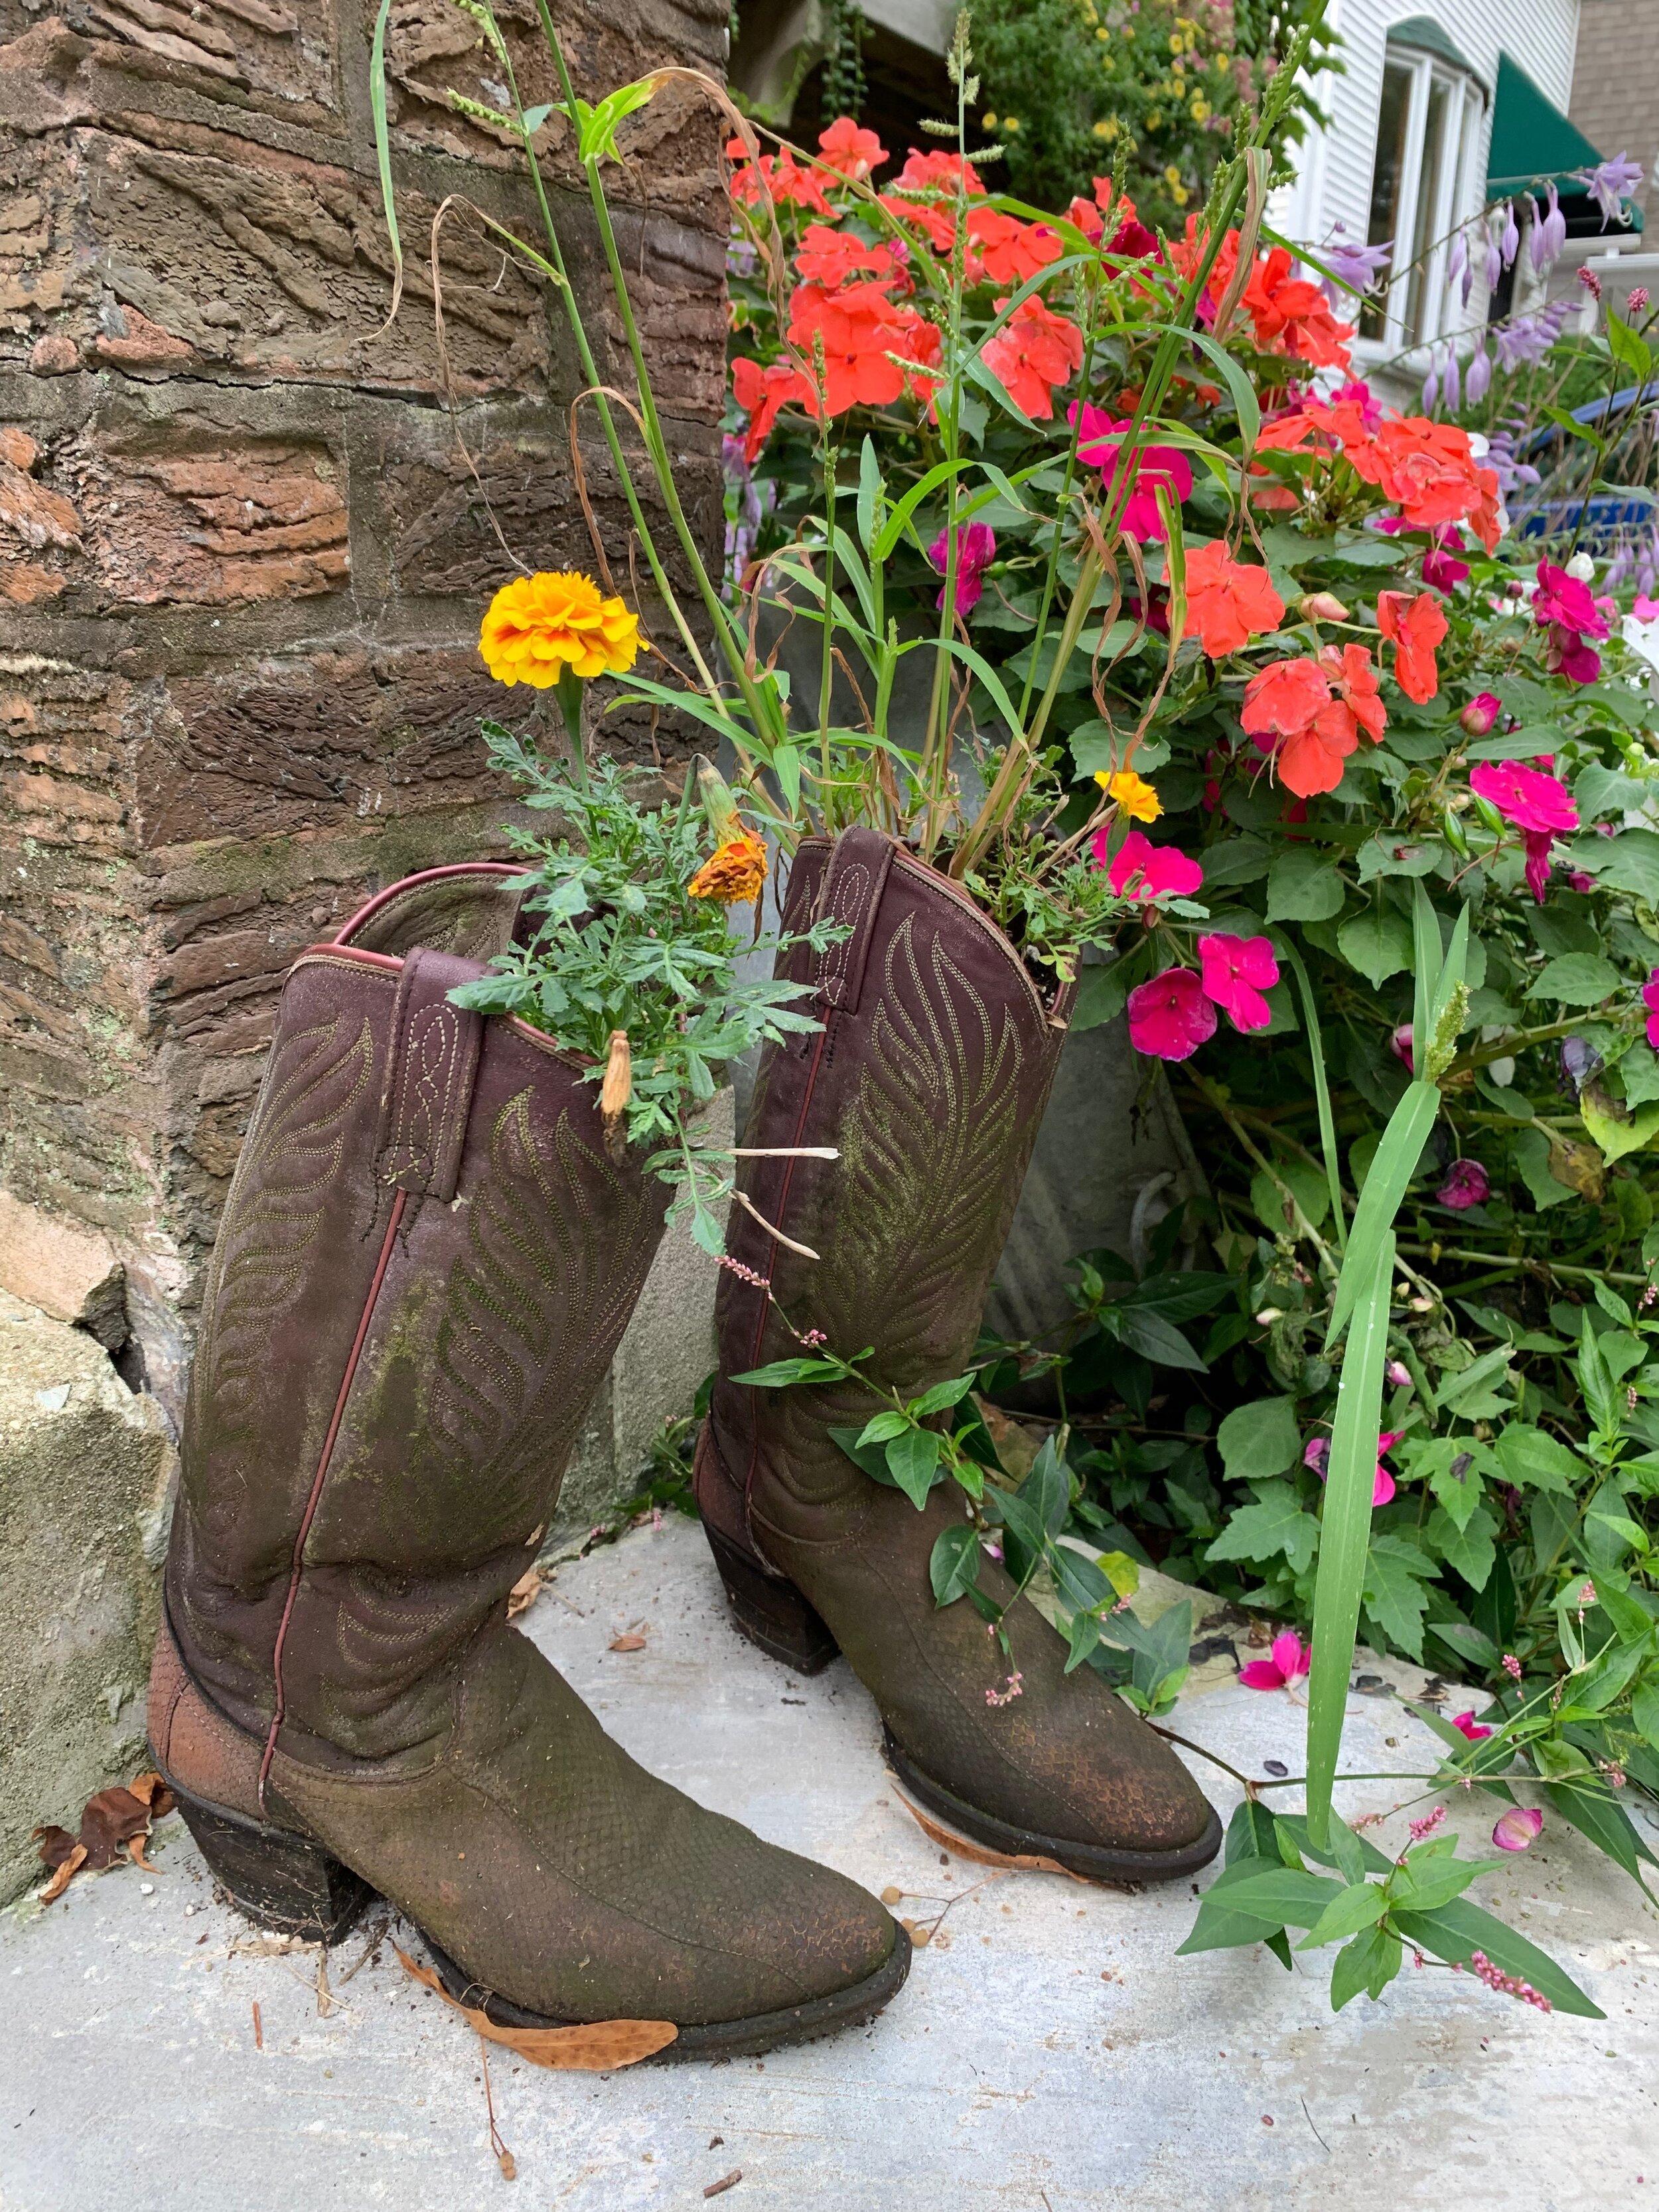 Boots Planter #30DayNatureChallenge.jpg